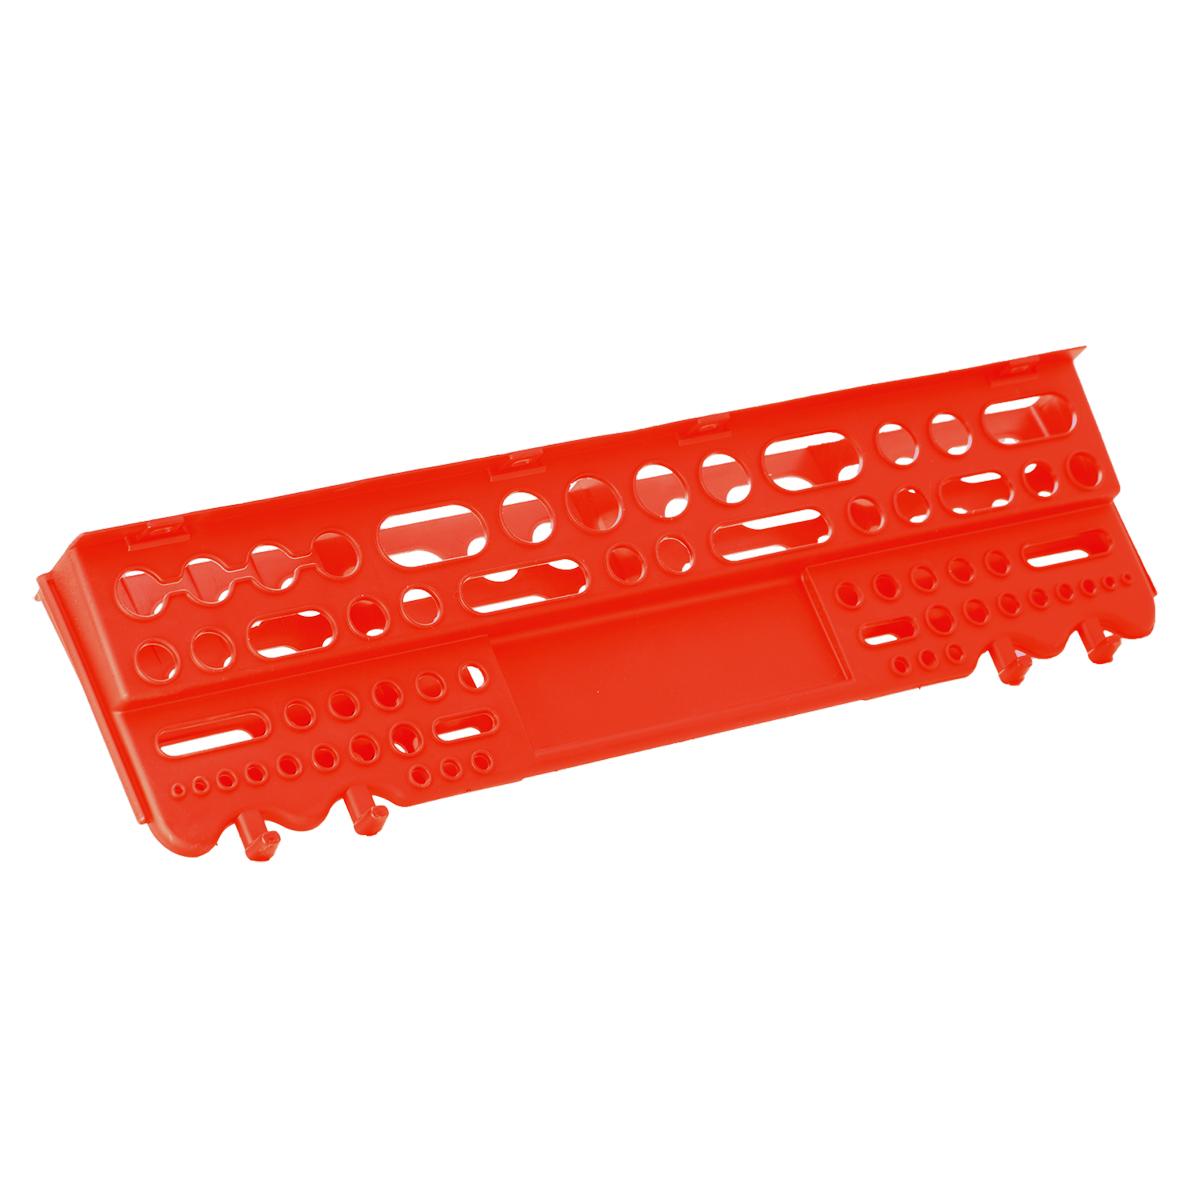 Полка для инструмента Blocker Reef, цвет: красный, 625 х 168 х 74 ммПЦ3670КРПолка для инструмента Blocker Reef выполнена из полипропилена. Прочная конструкция полки позволяет аккуратно разместить весь инструмент рядом с рабочим местом в гараже, мастерской или дома. Надежное крепление на стену выдерживает полную загрузку всех ячеек полки.